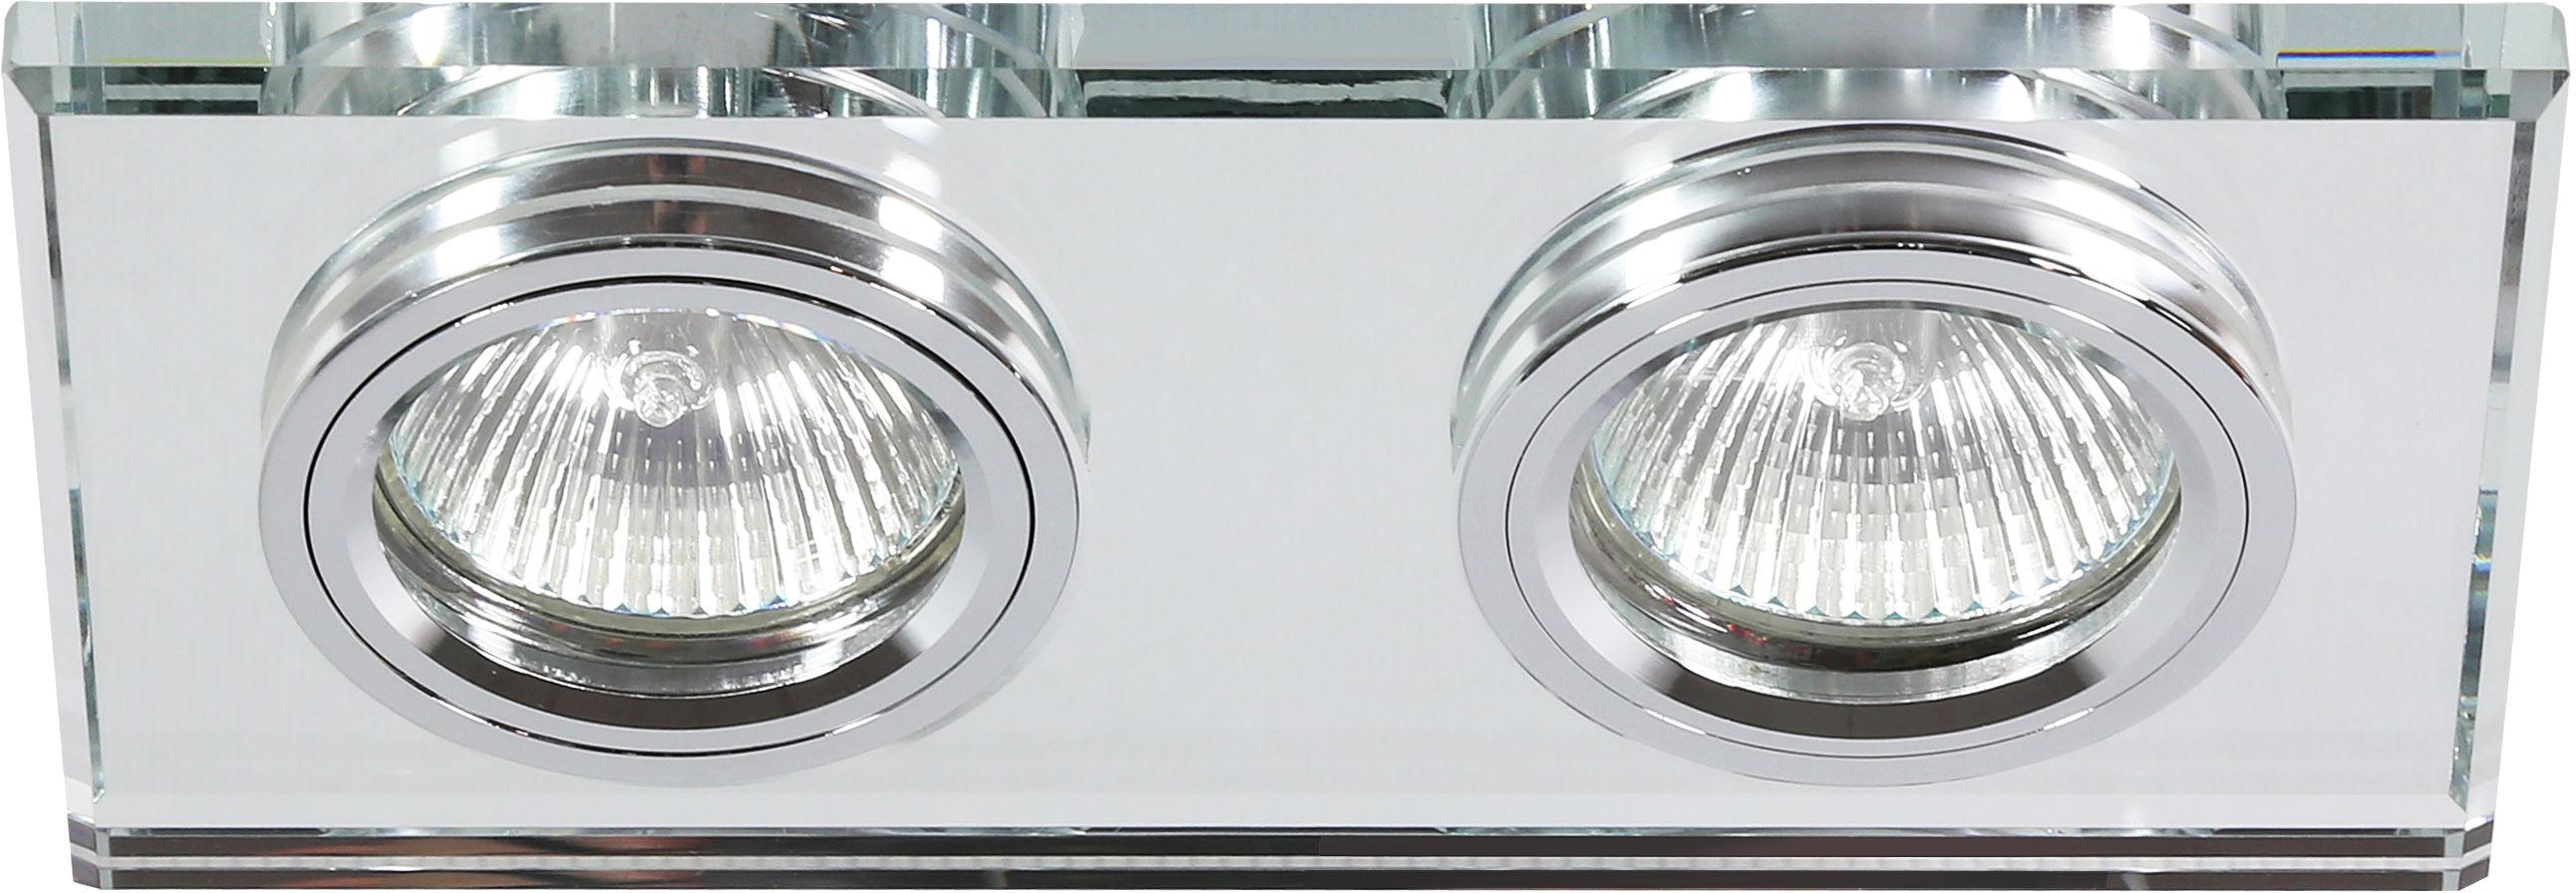 Candellux SS-21 CH/TR oprawa do wbudowania stropowa chrom MR16 DUAL 2X50W prostokąt szkło transparentne 18cm